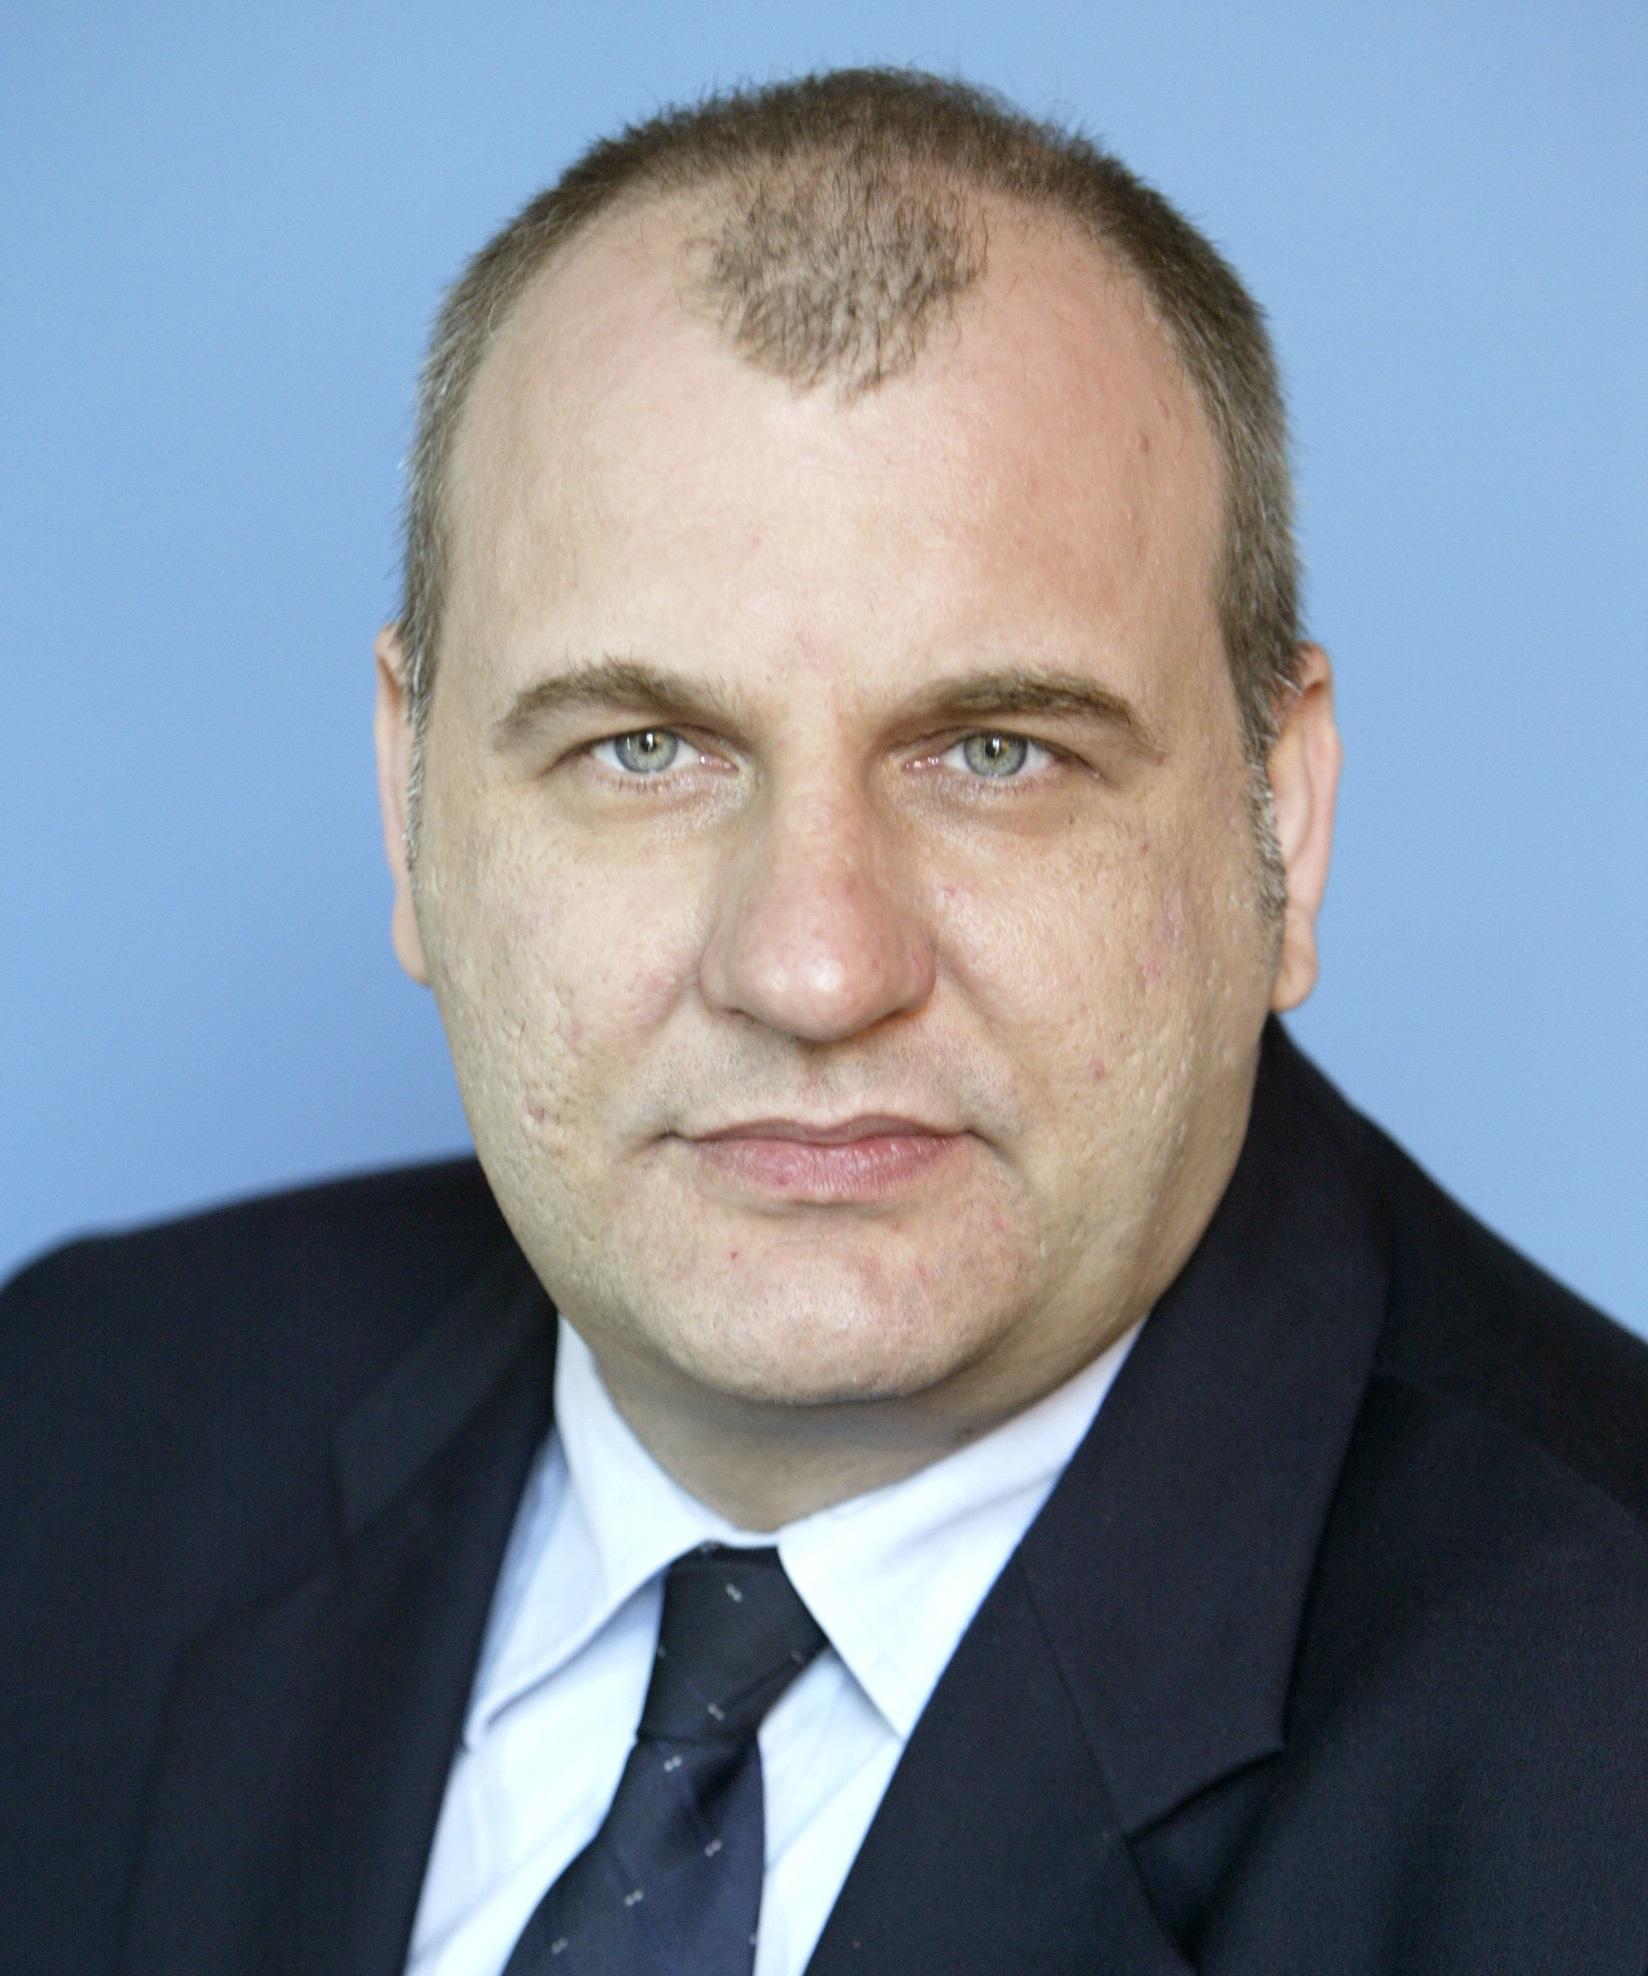 Jan Rönnfeld